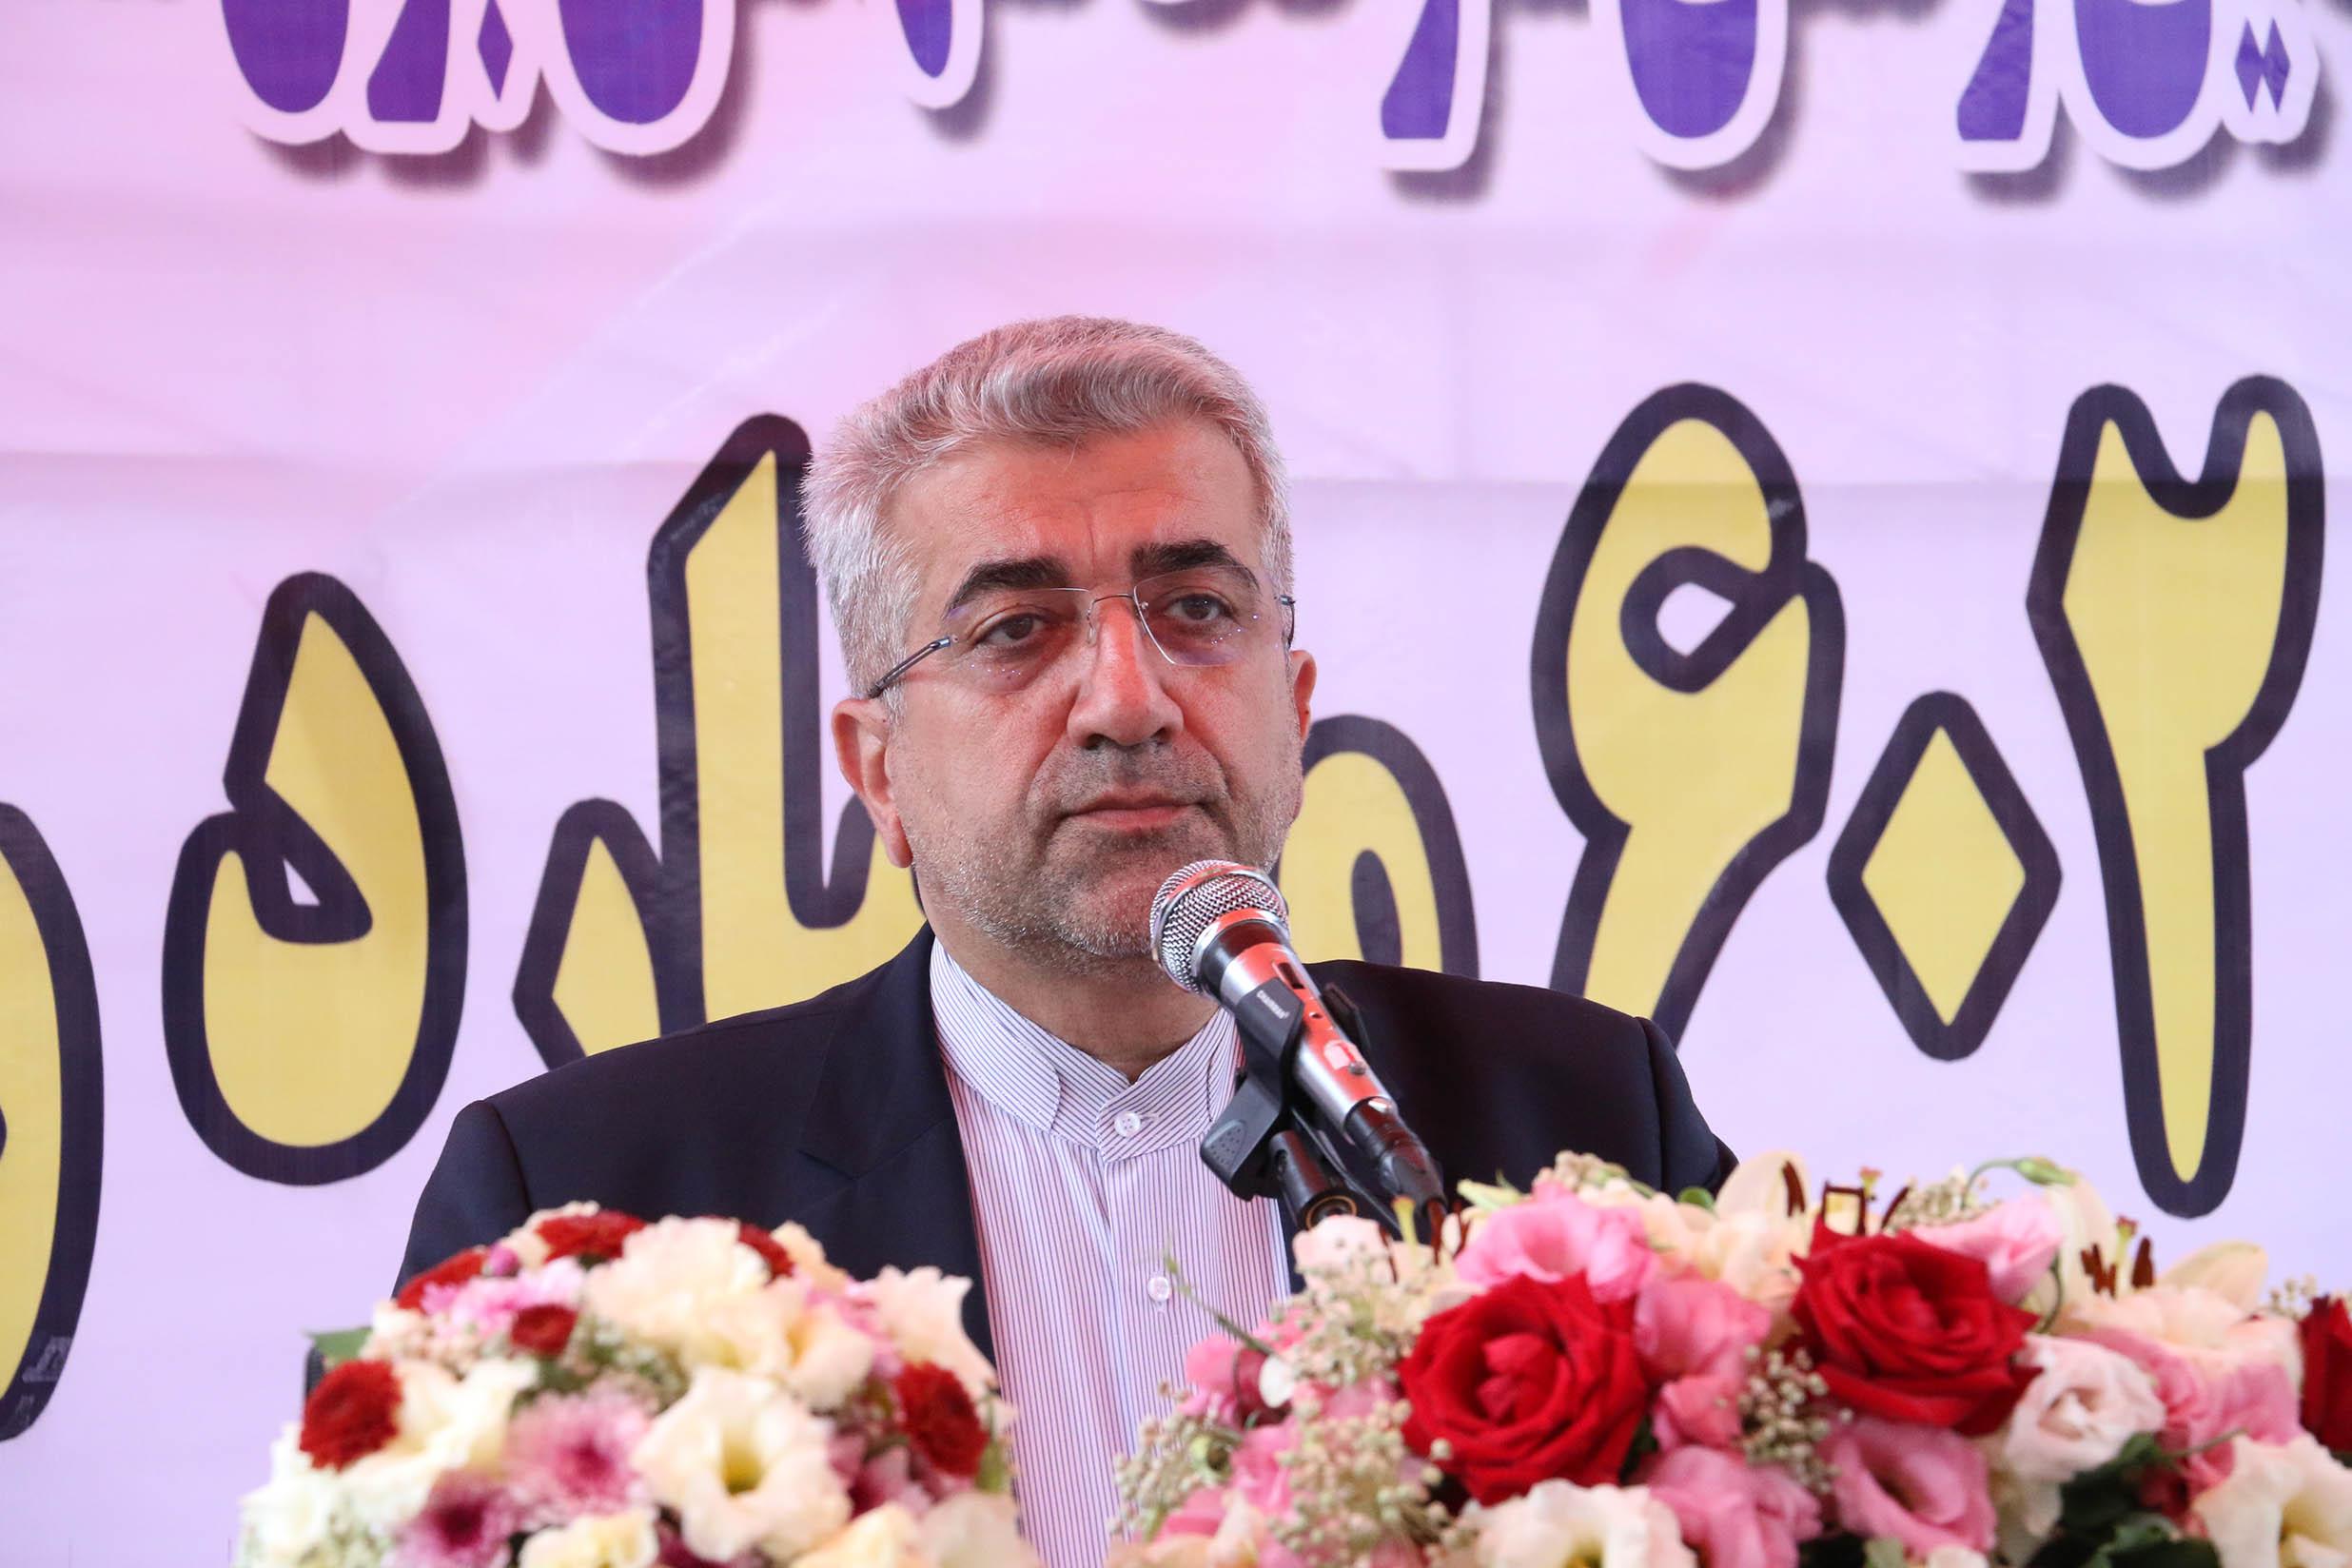 وزیر نیرو در بازدید از پست توحید گلسار در رشت: برنامه های بخش برق در استان گیلان مستلزم سرمایه گذاریهای بیشتر است